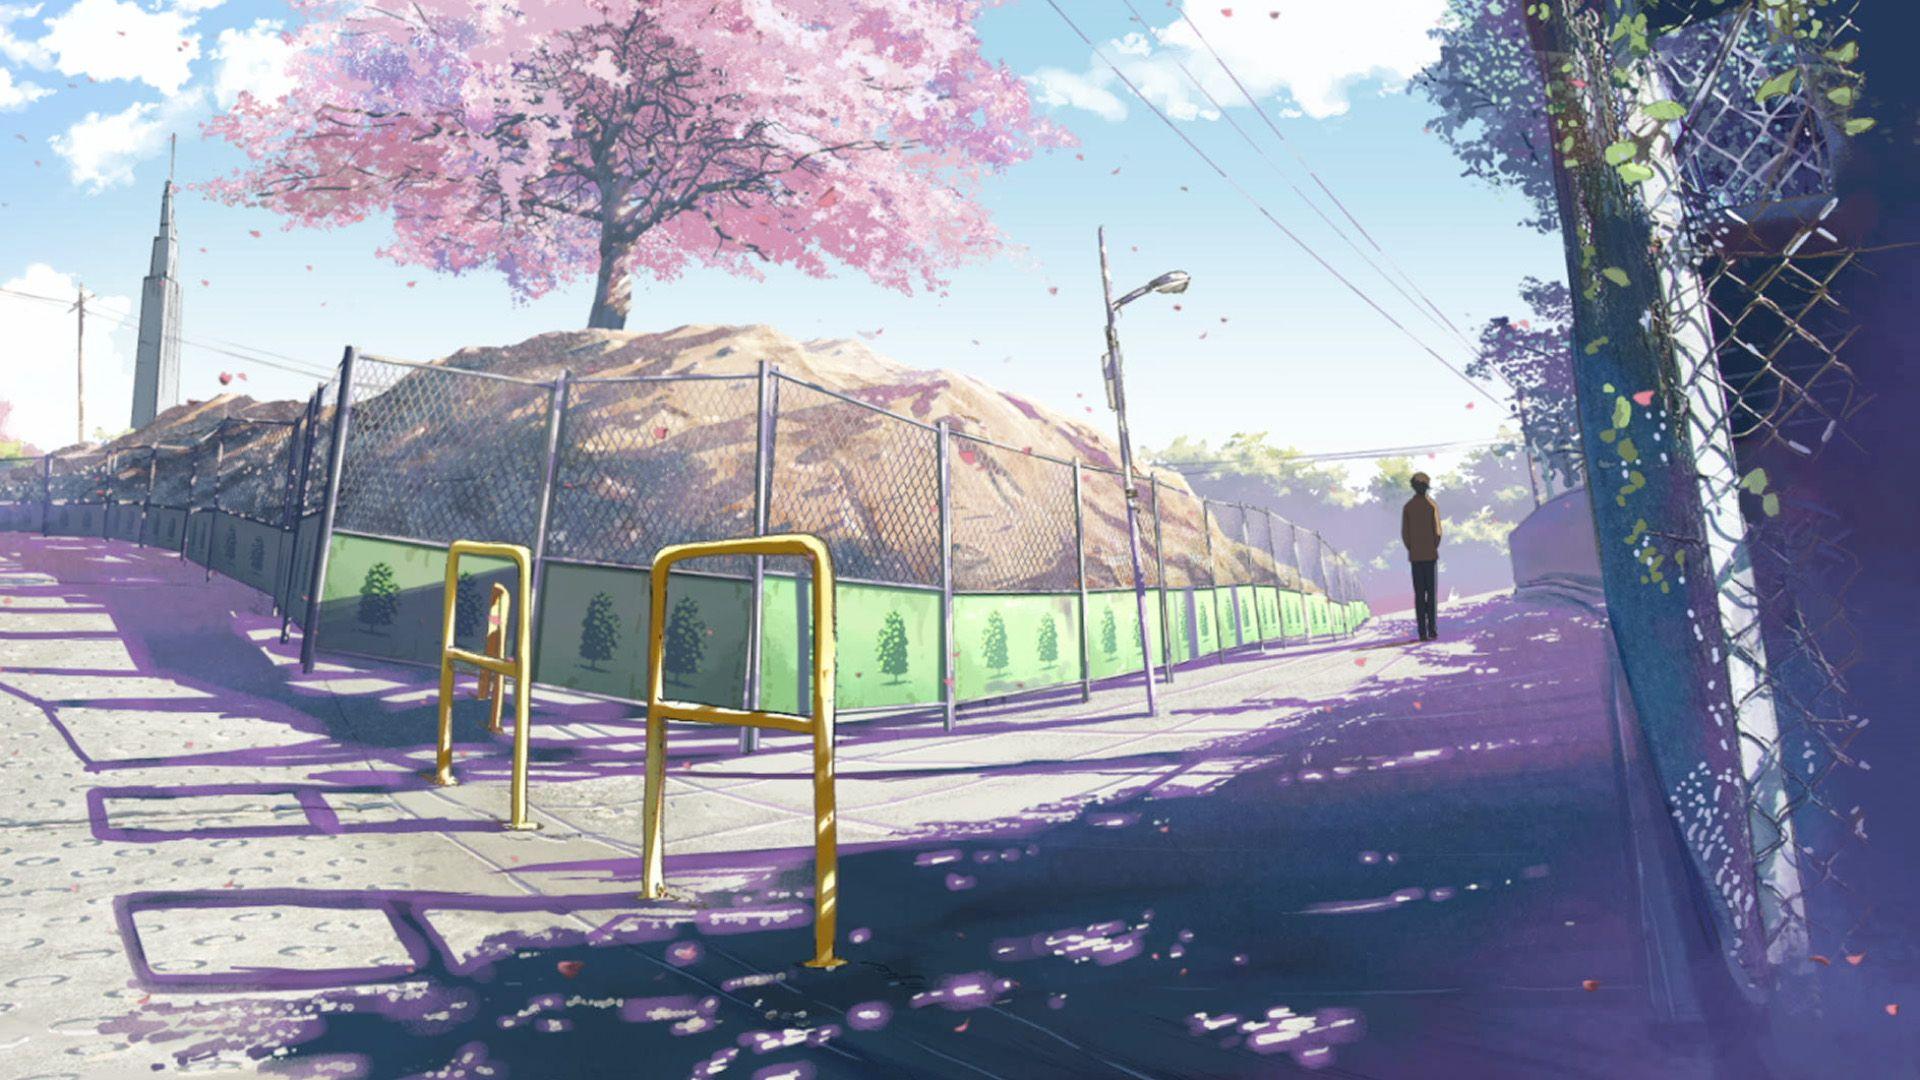 5 anime wallpapers per second | animation | Japon paysage, Film animation japonais et Fond ecran ...